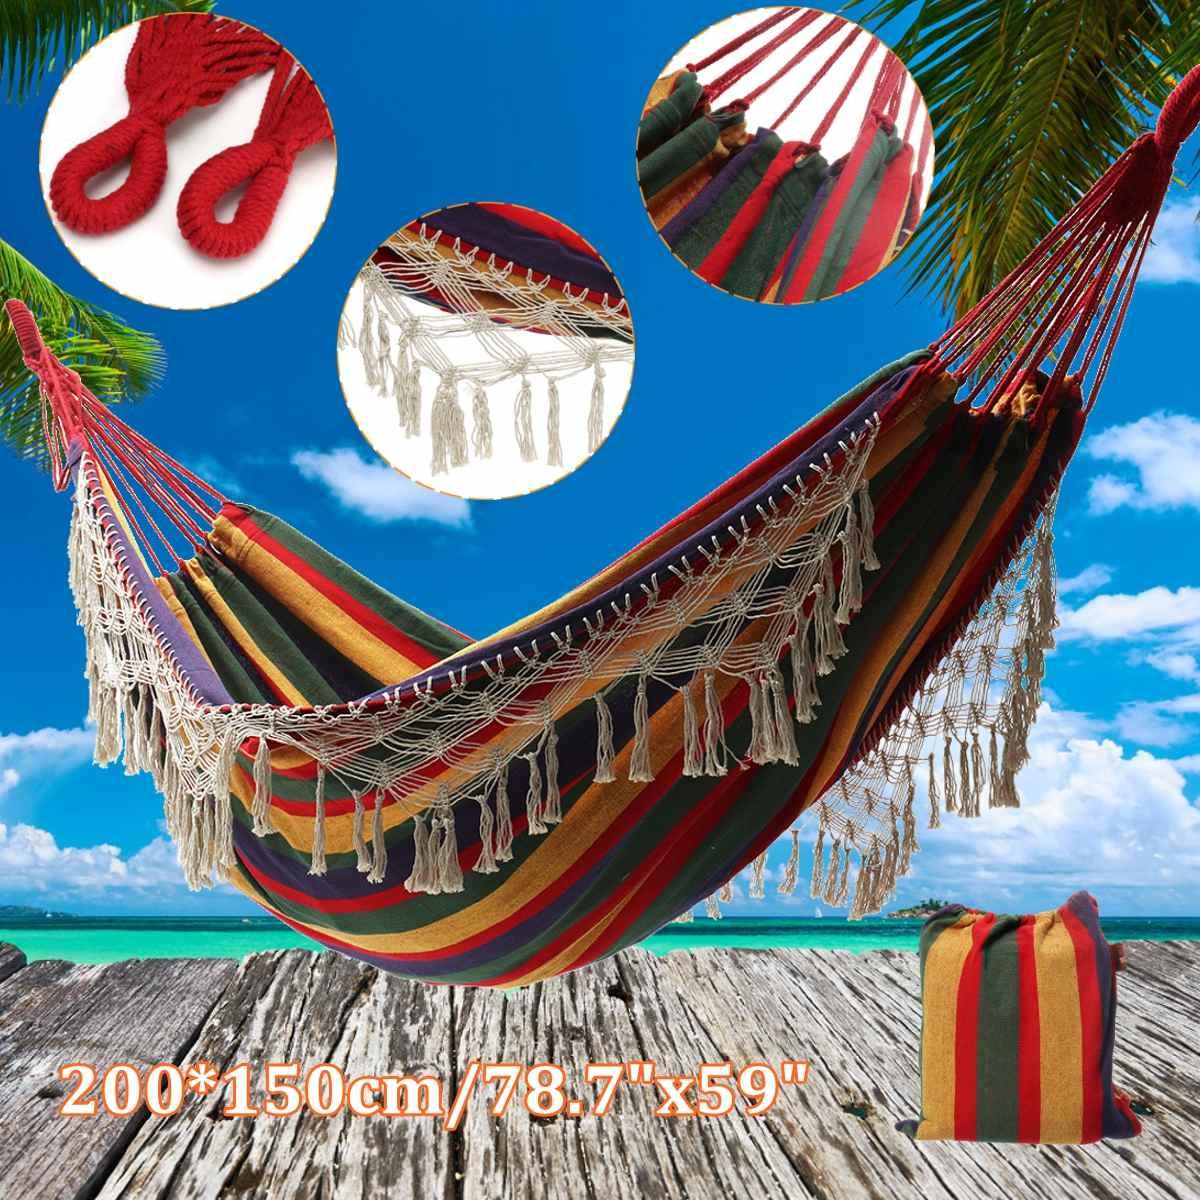 Premium jardin hamac accrocher lit toile voyage extérieur balançoire Camping 200*150 twinjoy